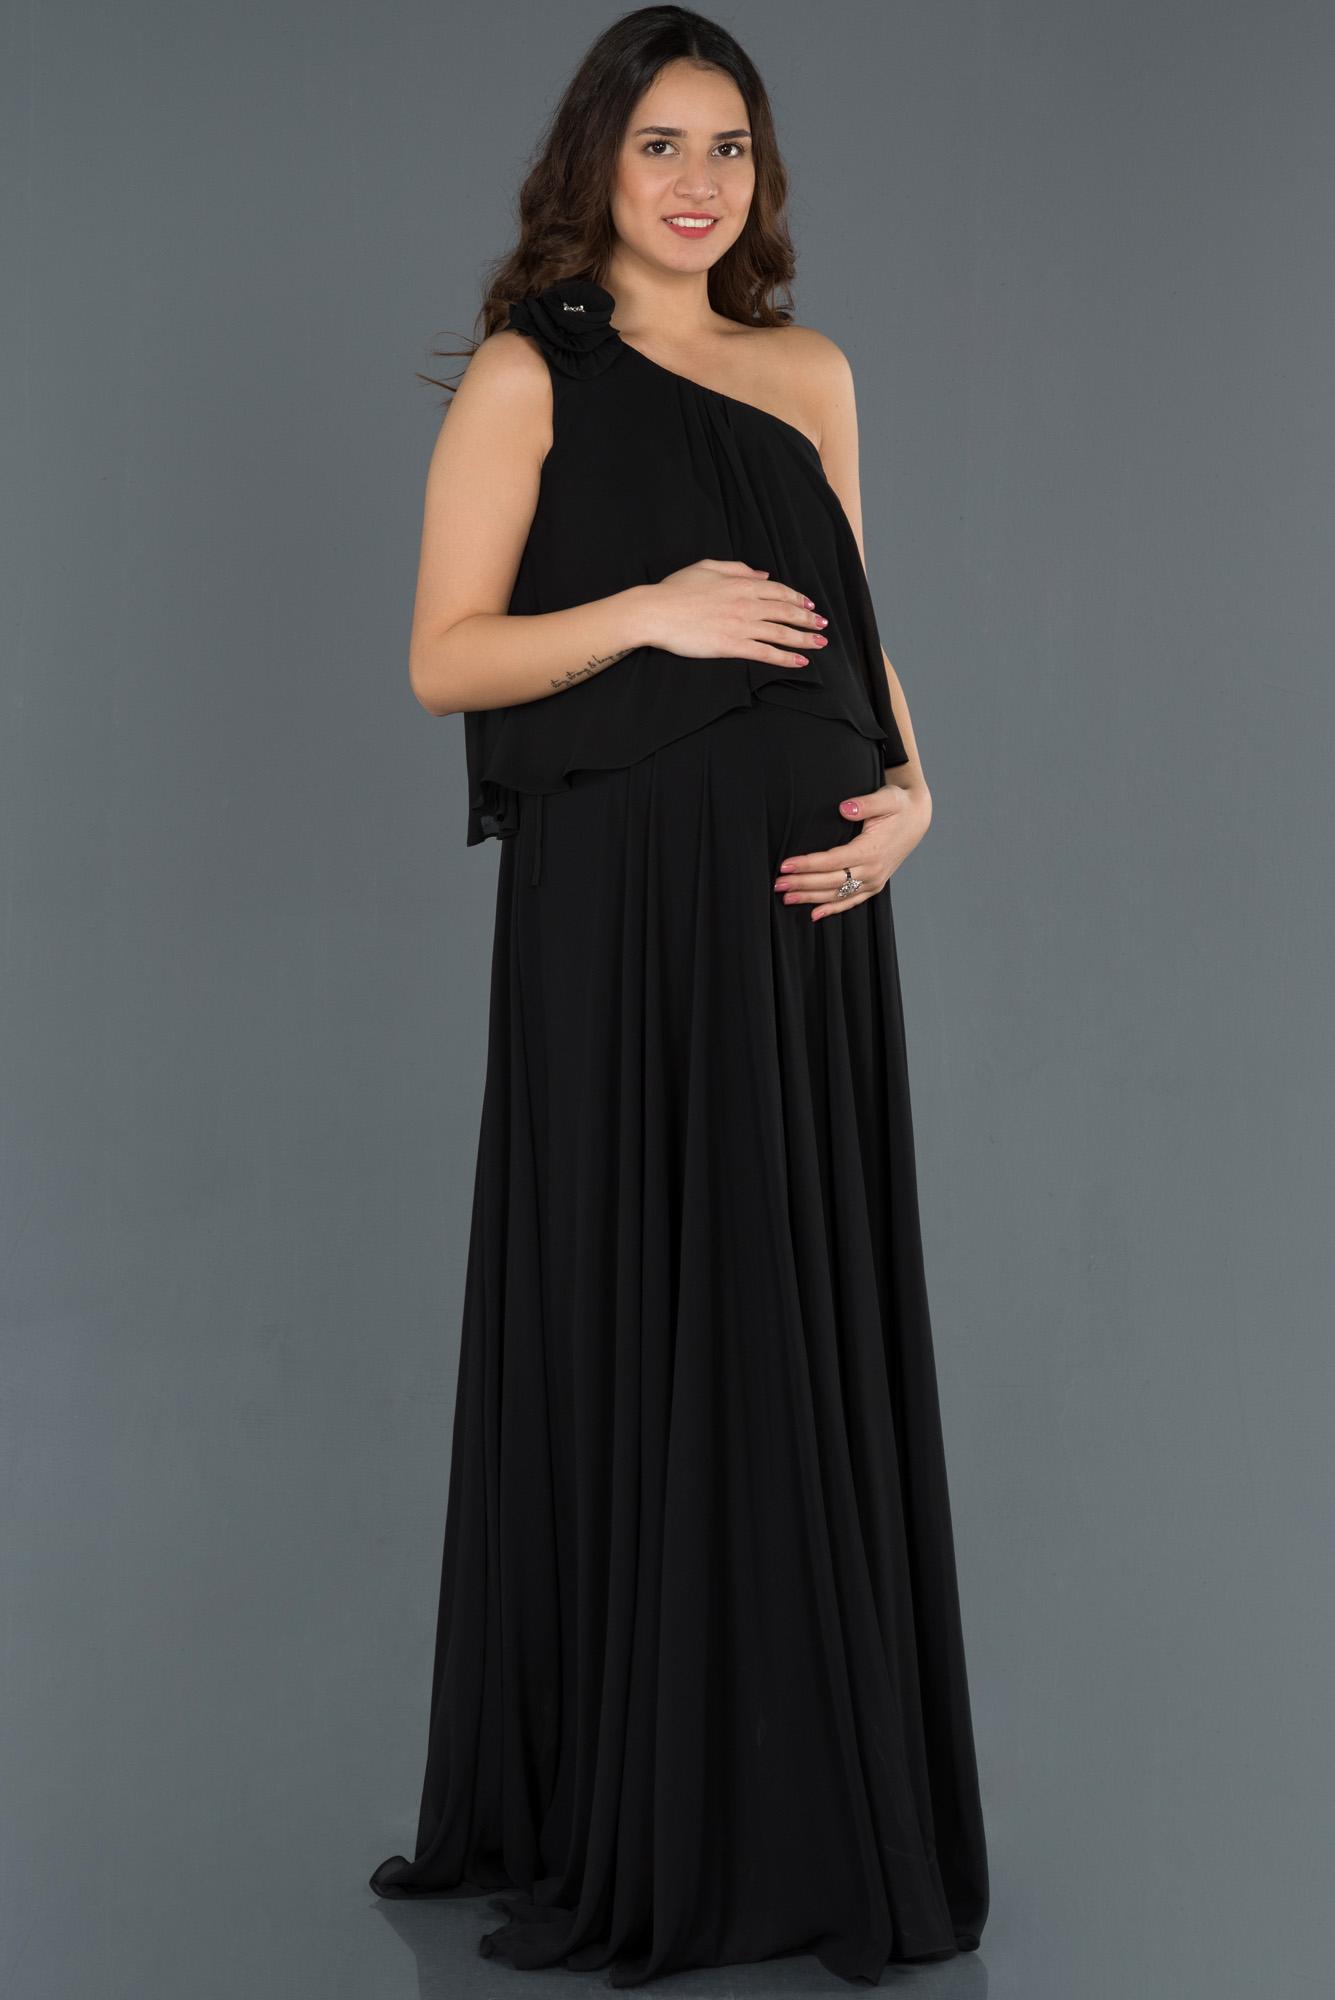 Siyah Uzun Tek Omuz Hamile Abiye